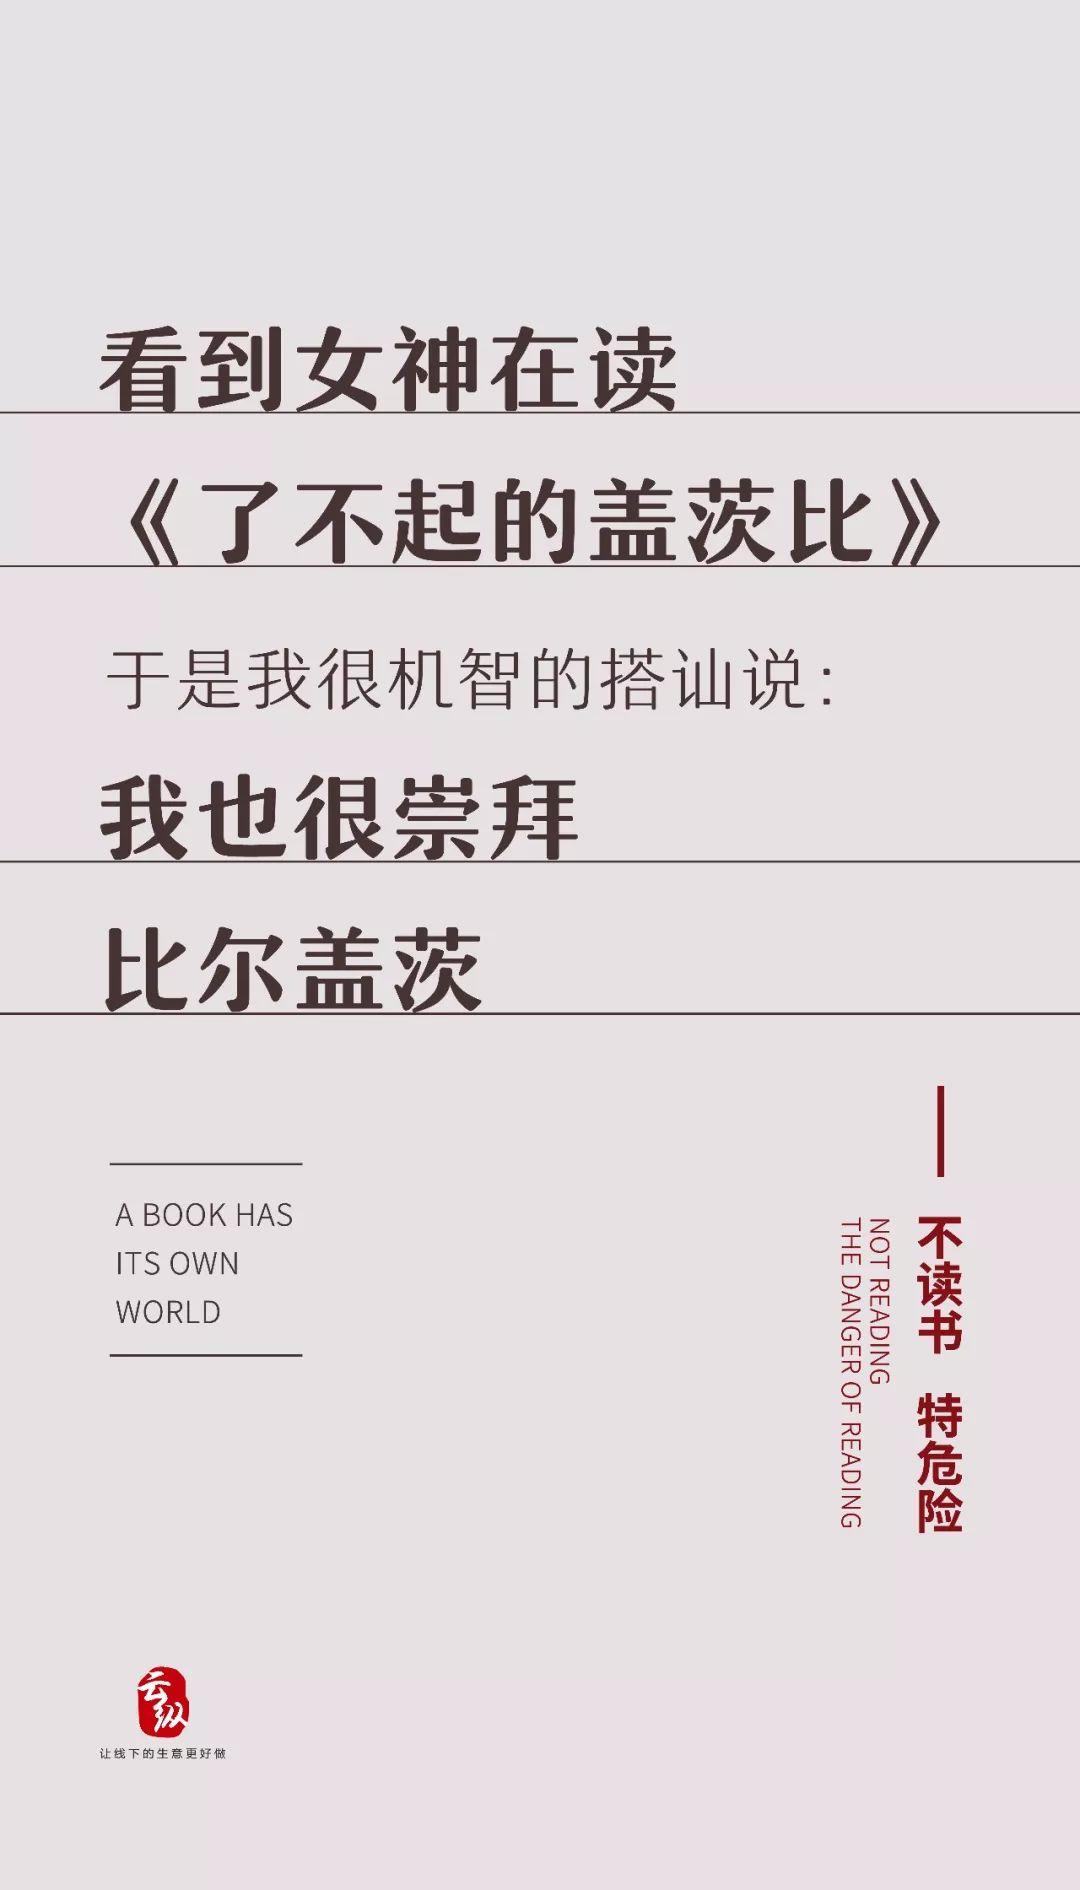 世界读书日文案海报欣赏:别给自己的懒惰找借口!插图1